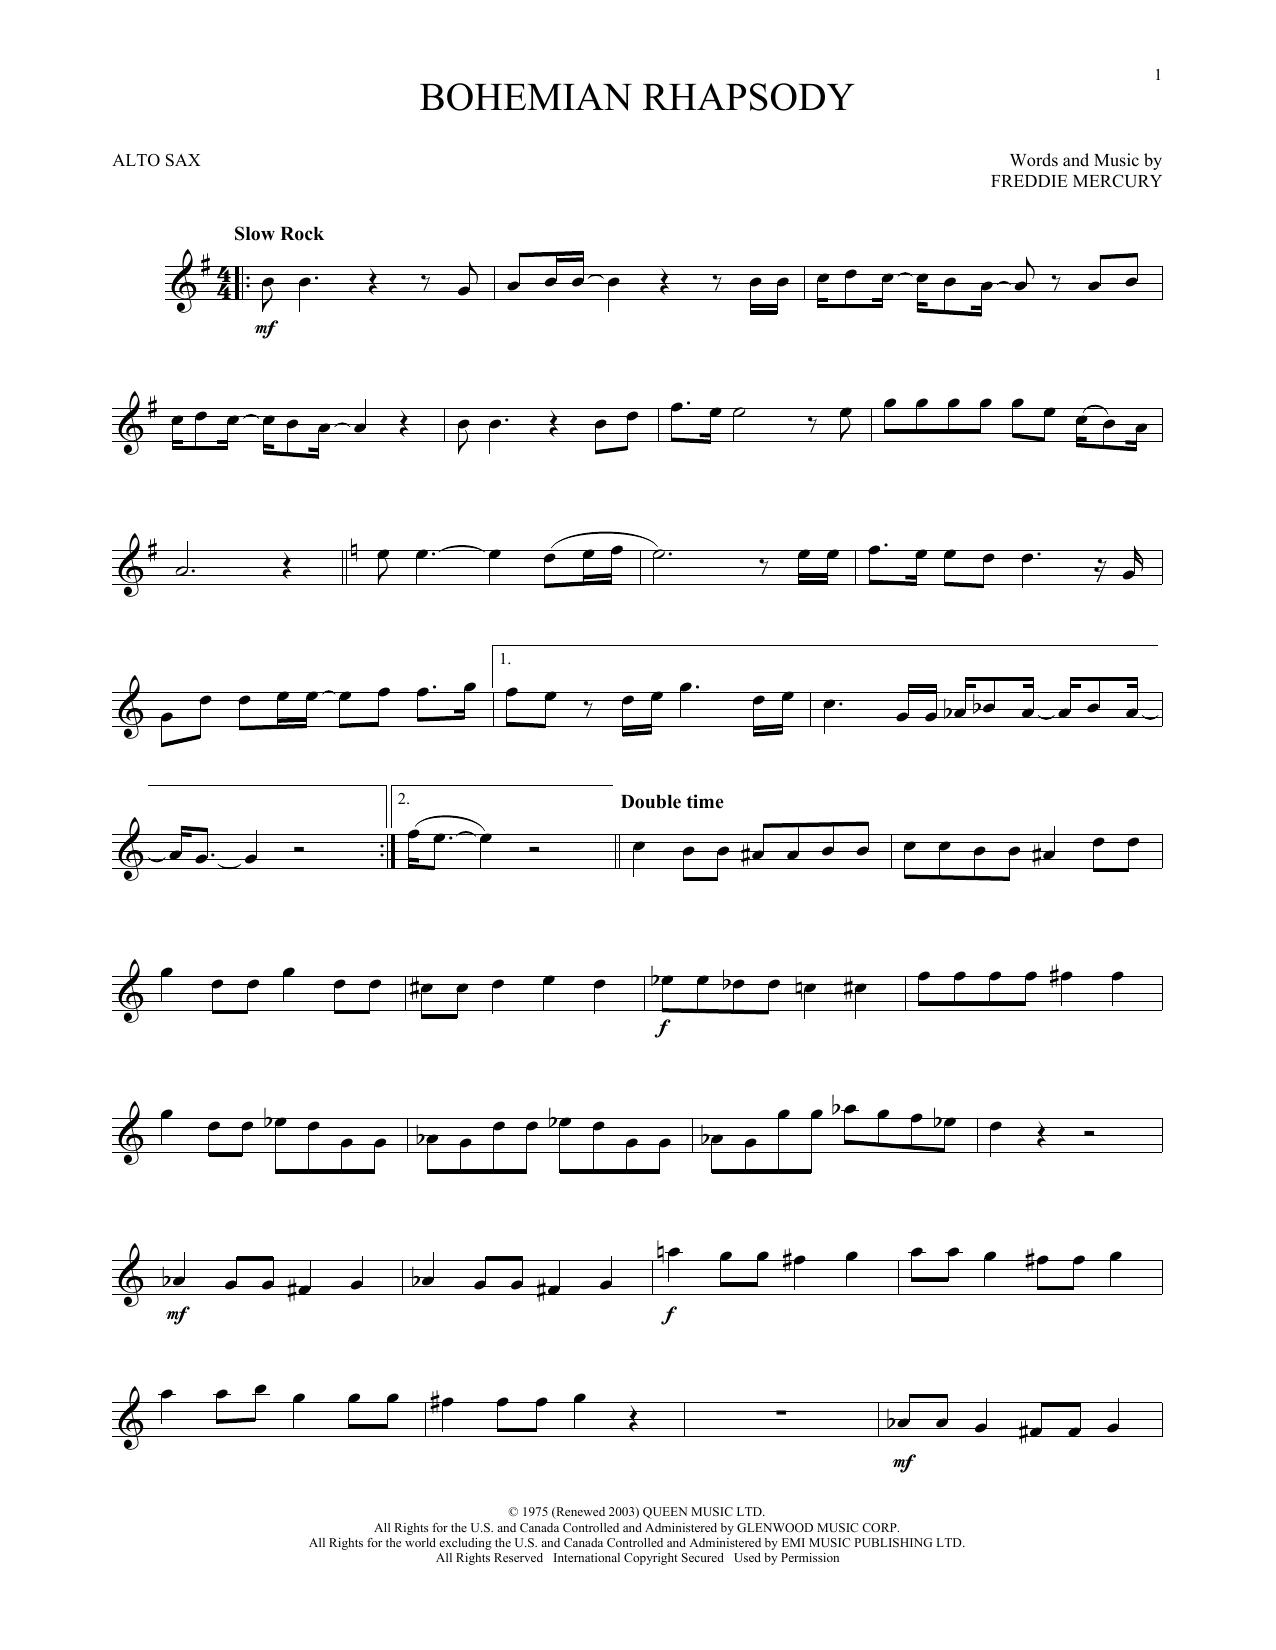 Bohemian Rhapsody (Alto Sax Solo)